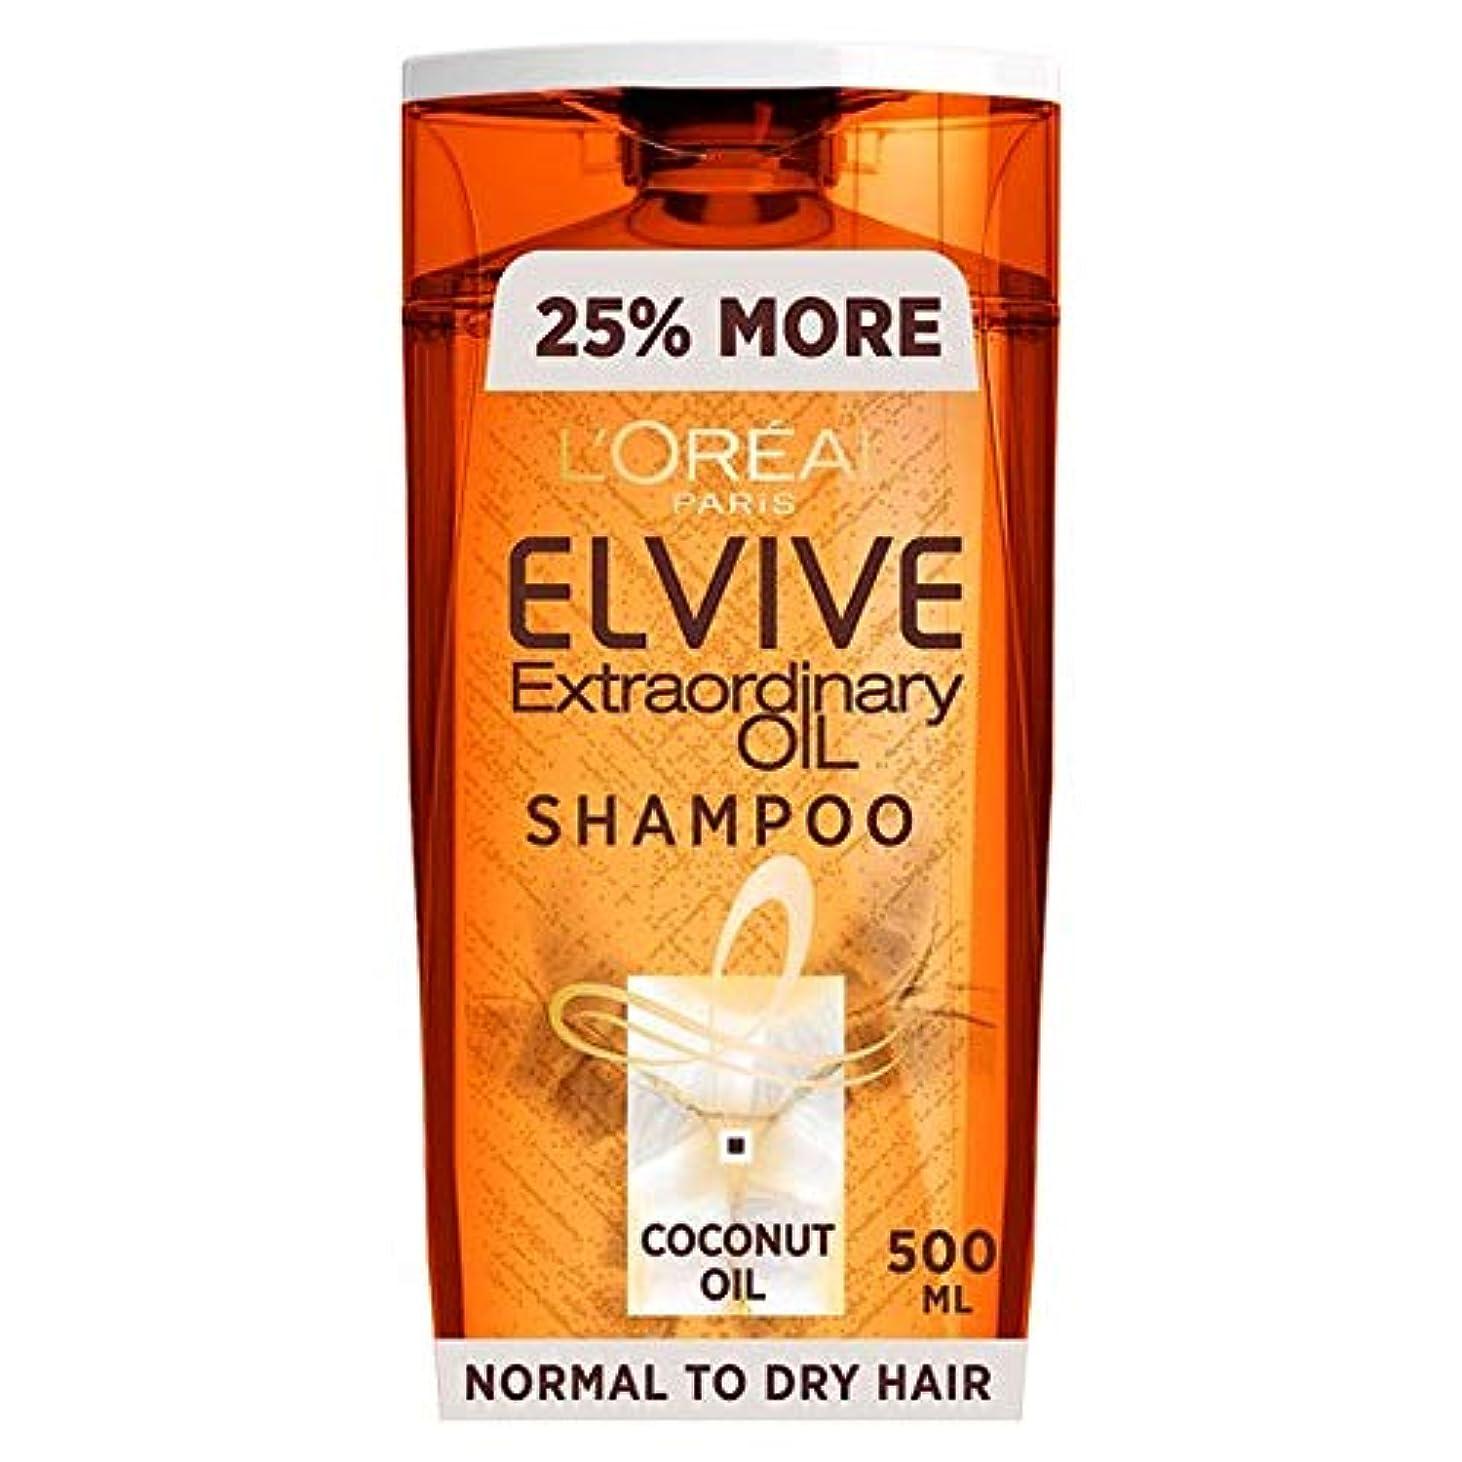 最大化するミキサー時々時々[Elvive] ロレアルElvive臨時ヤシ油シャンプー500ミリリットル - L'oreal Elvive Extraordinary Coconut Oil Shampoo 500Ml [並行輸入品]